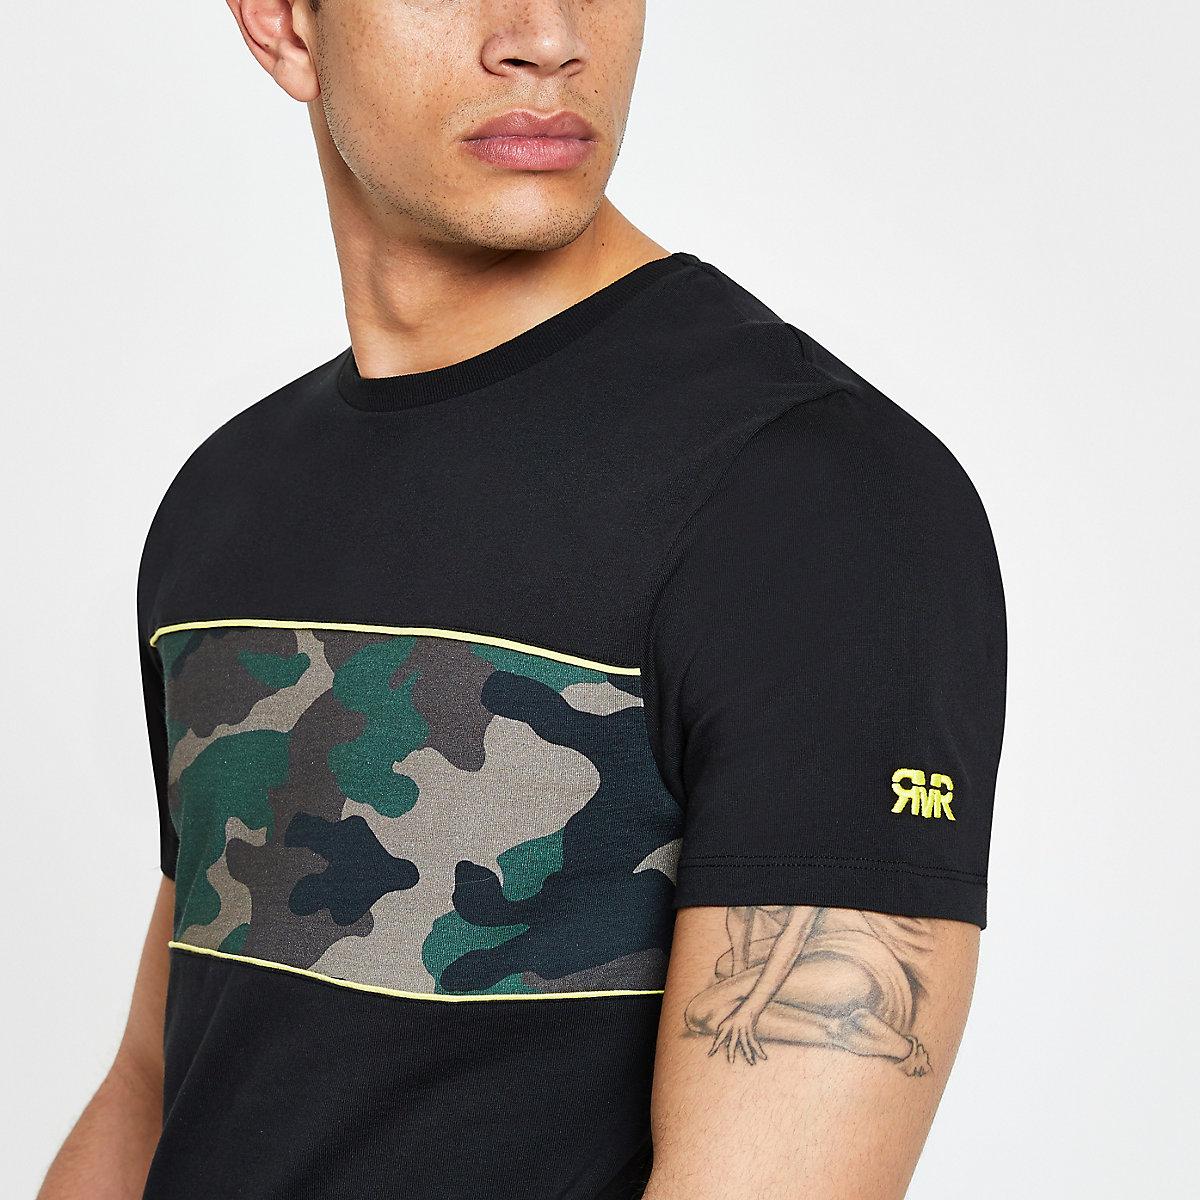 Schwarzes Slim Fit T-Shirt mit Camouflage-Muster